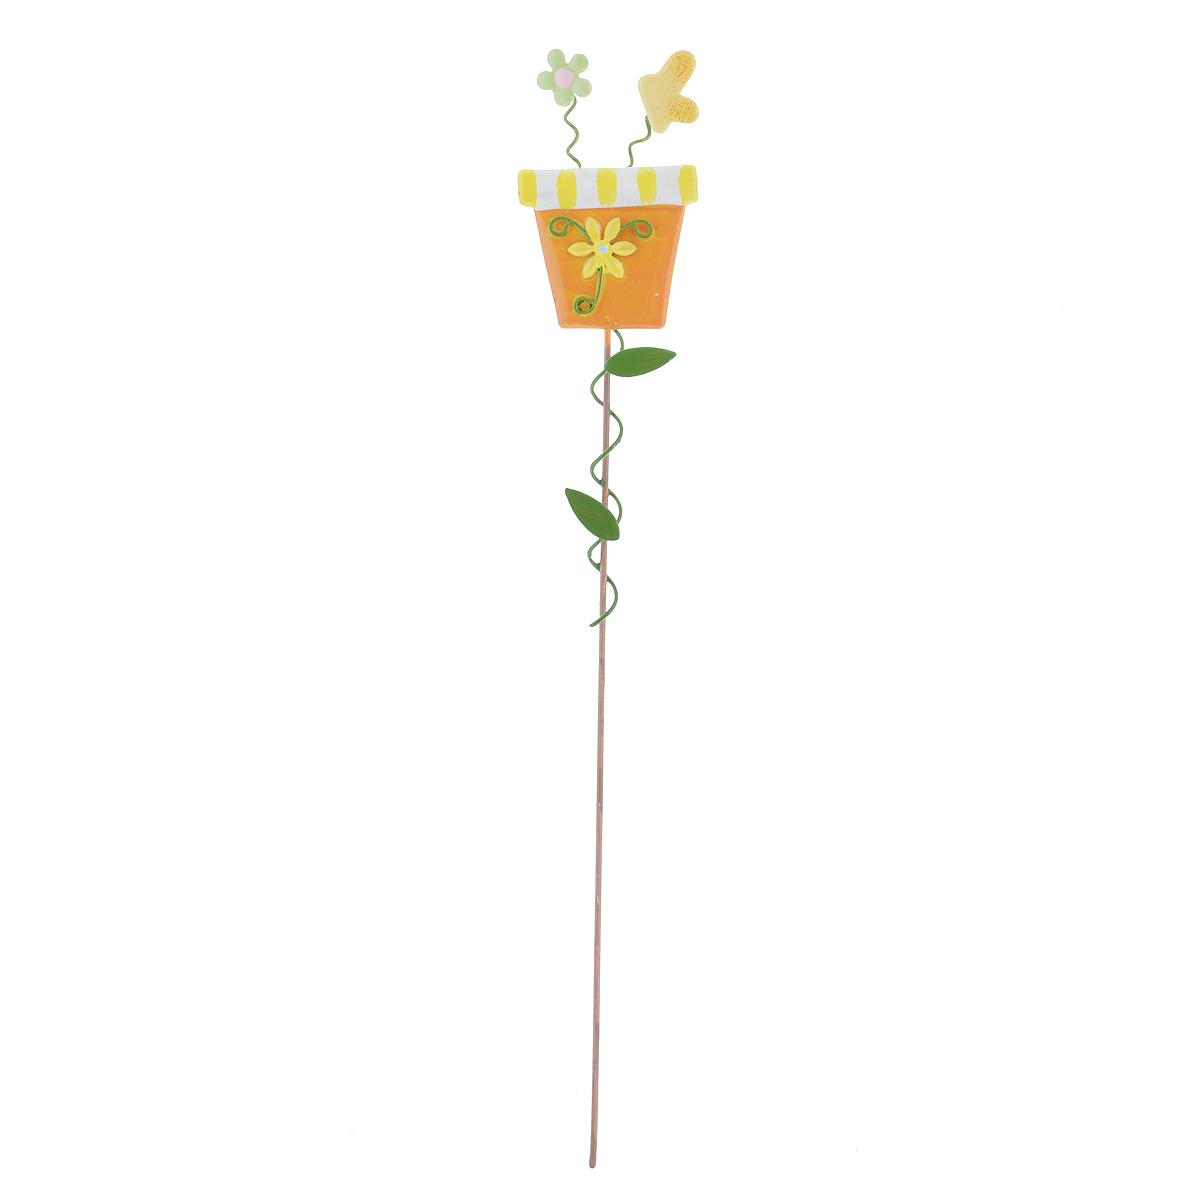 Украшение на ножке Village People Солнечная клумба, цвет: желтый, высота 30 см67161_1Украшение на ножке Village People Солнечная клумба поможет вам дополнить экстерьер красивой и яркой деталью. Такое украшение очень просто вставляется в землю с помощью длинной ножки, оно отлично переносит любые погодные условия и прослужит долгое время. Идеально подходит для декорирования садового участка, грядок, клумб, домашних цветов в горшках, а также для поддержки и правильного роста декоративных растений. Размер декоративного элемента: 4,5 см х 7,5 см. Высота: 30 см.